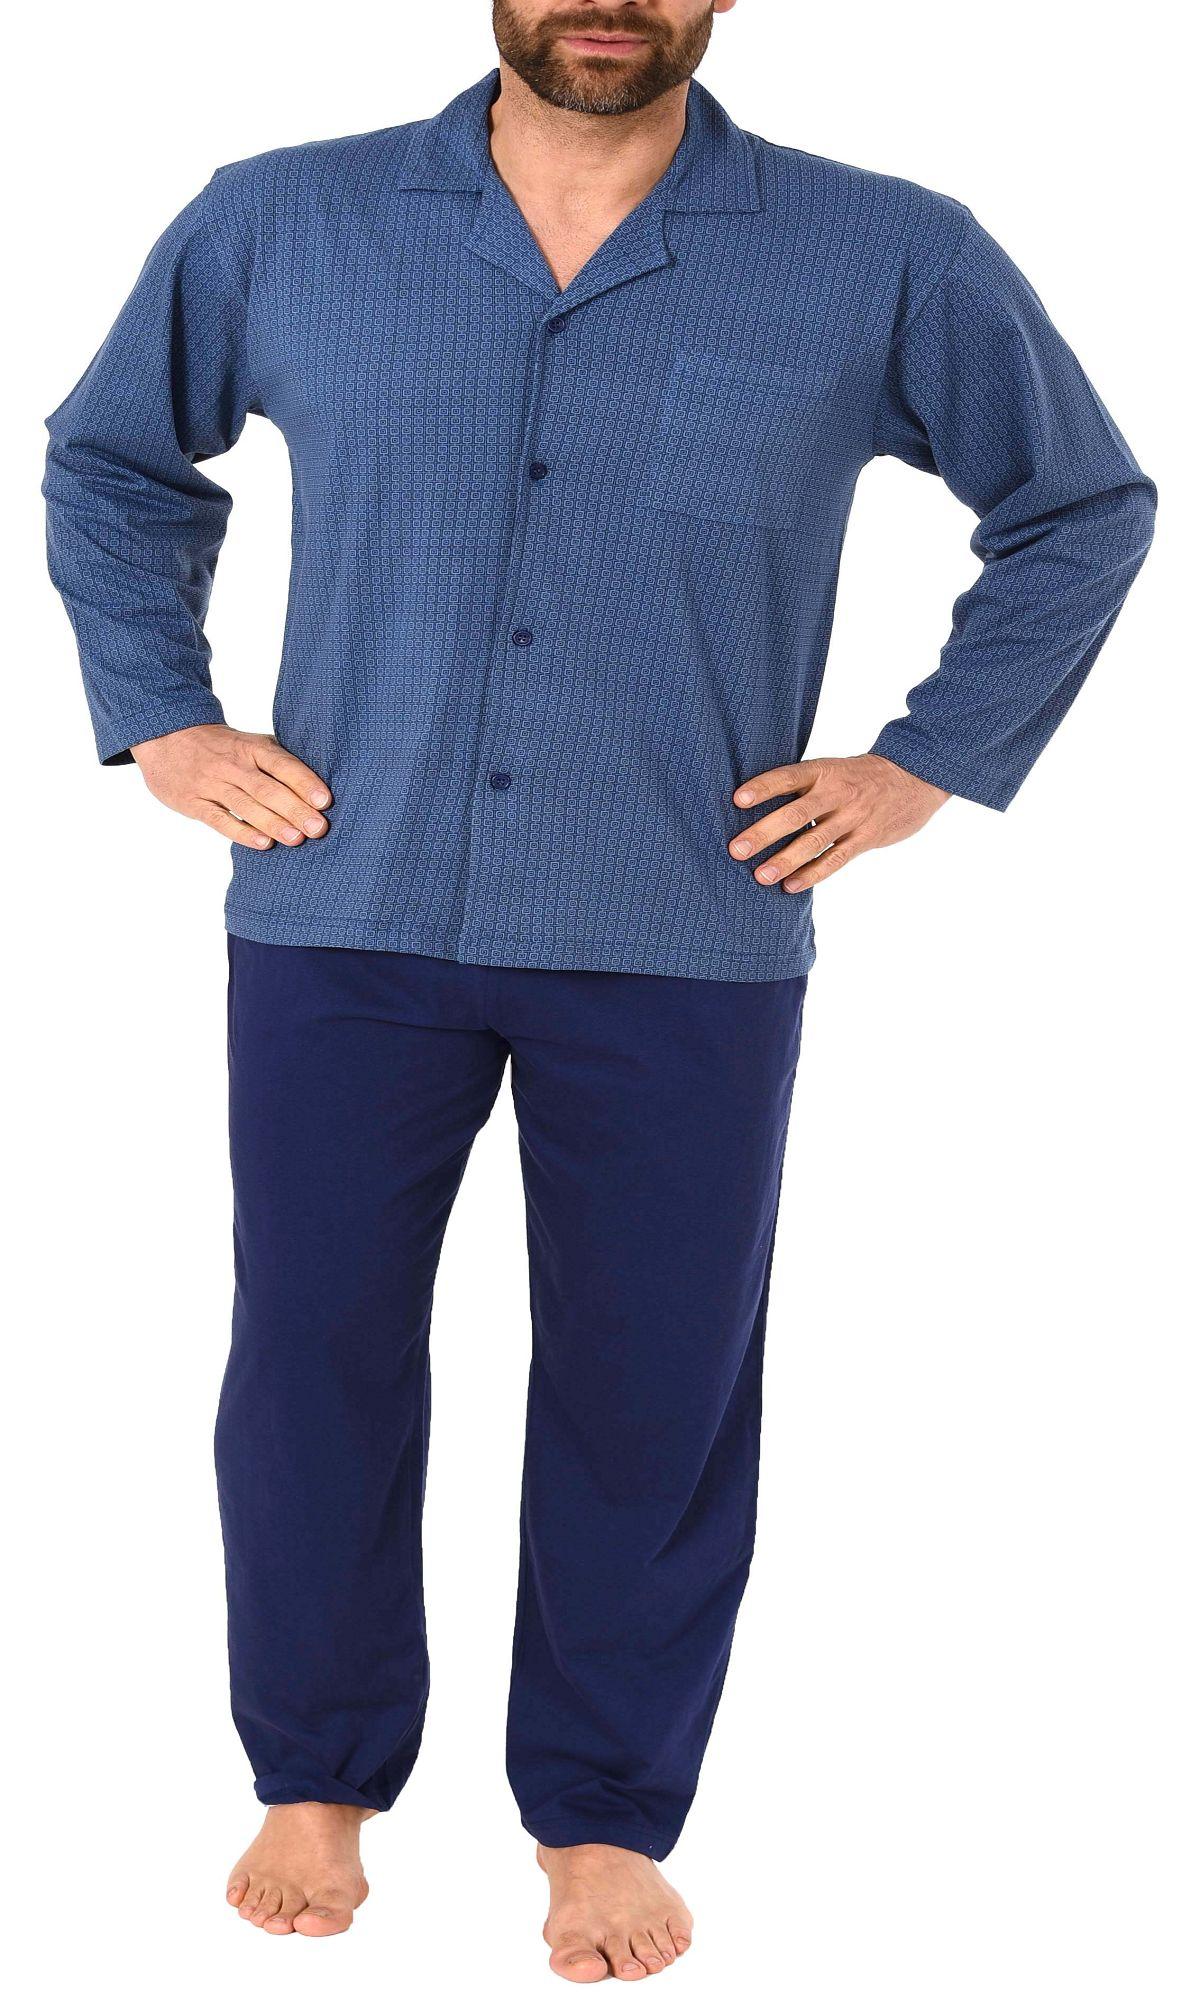 Eleganter Herren Pyjama Schlafanzug langarm zum durchknöpfen – 181 101 90 512 – Bild 2